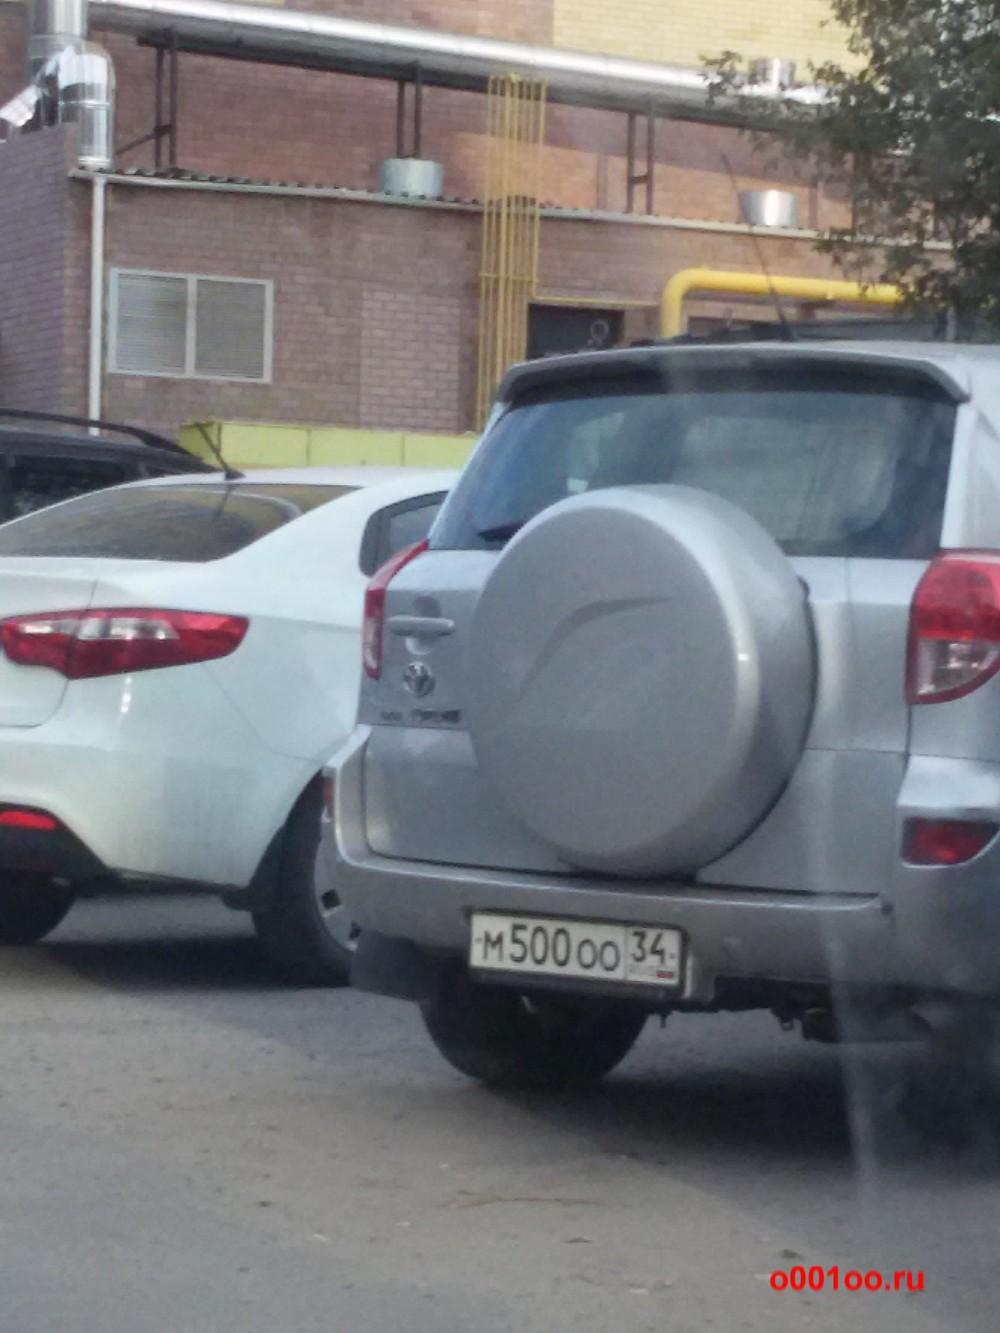 М500оо34